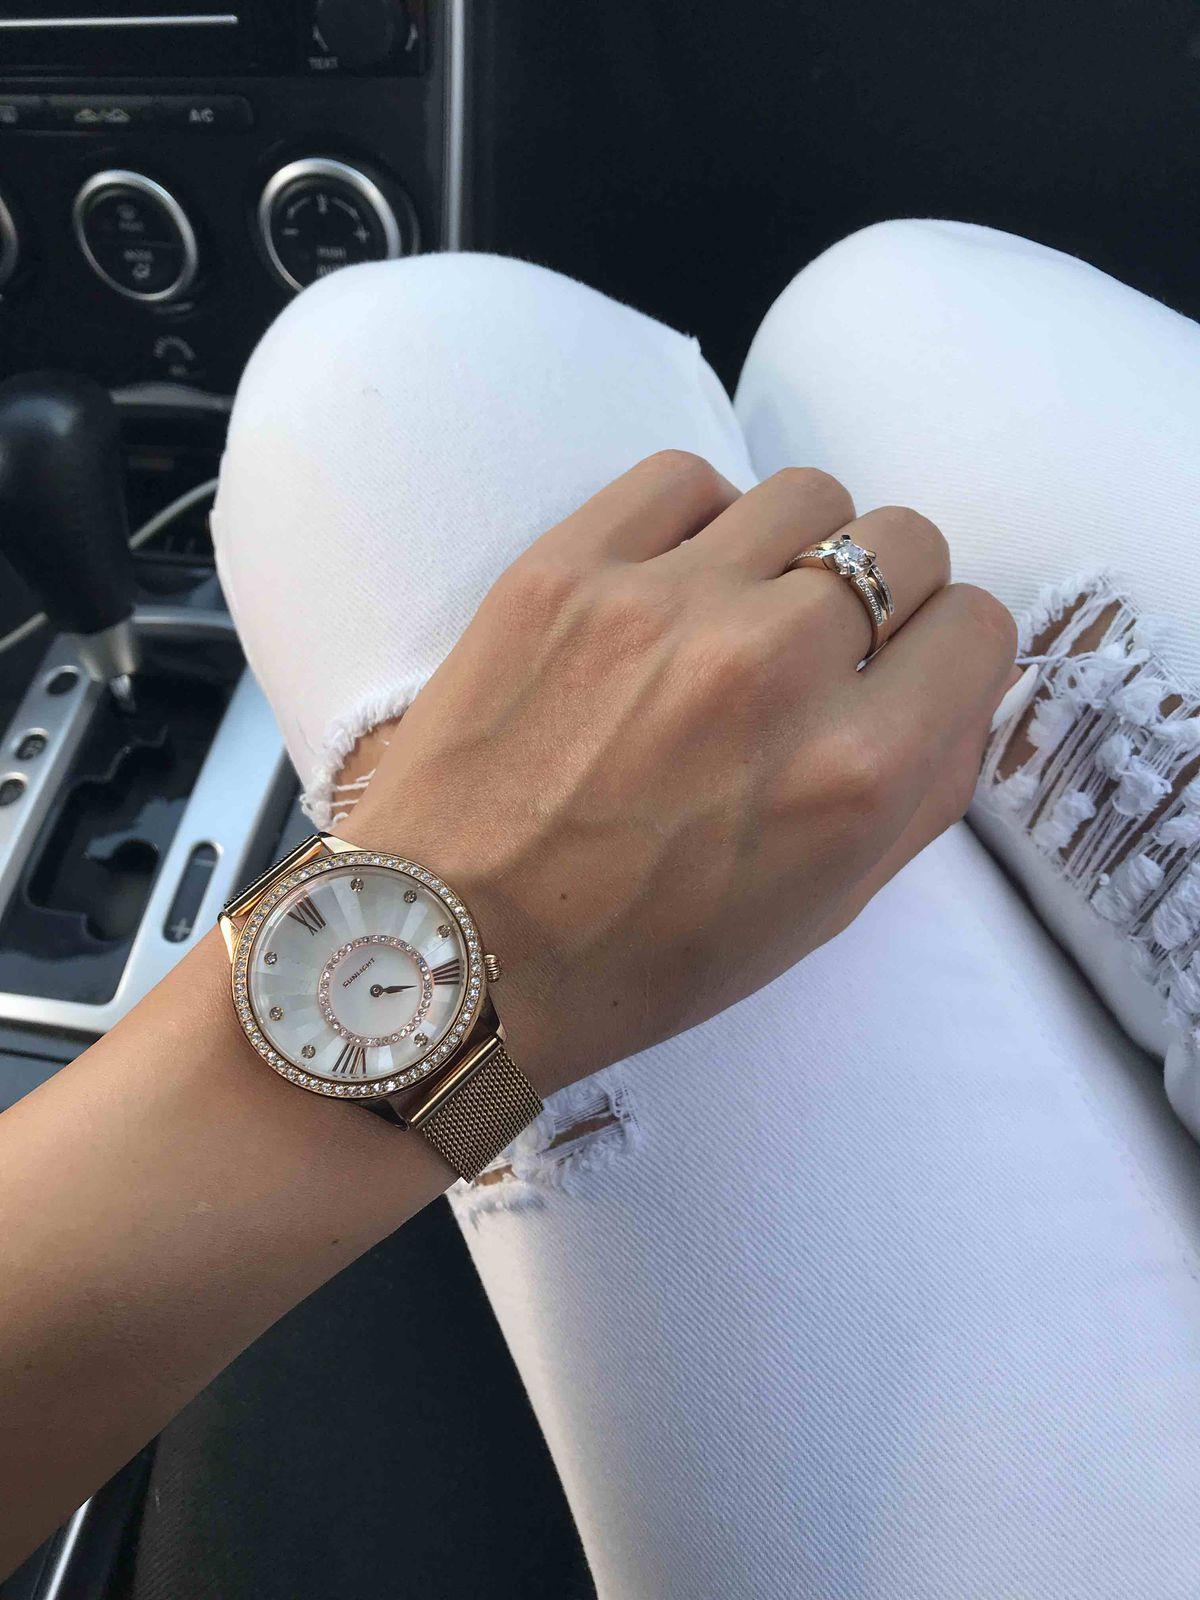 Часики просто нереальные 👌🏼 красивые , женственные. Для вороны как я ☺️🤗